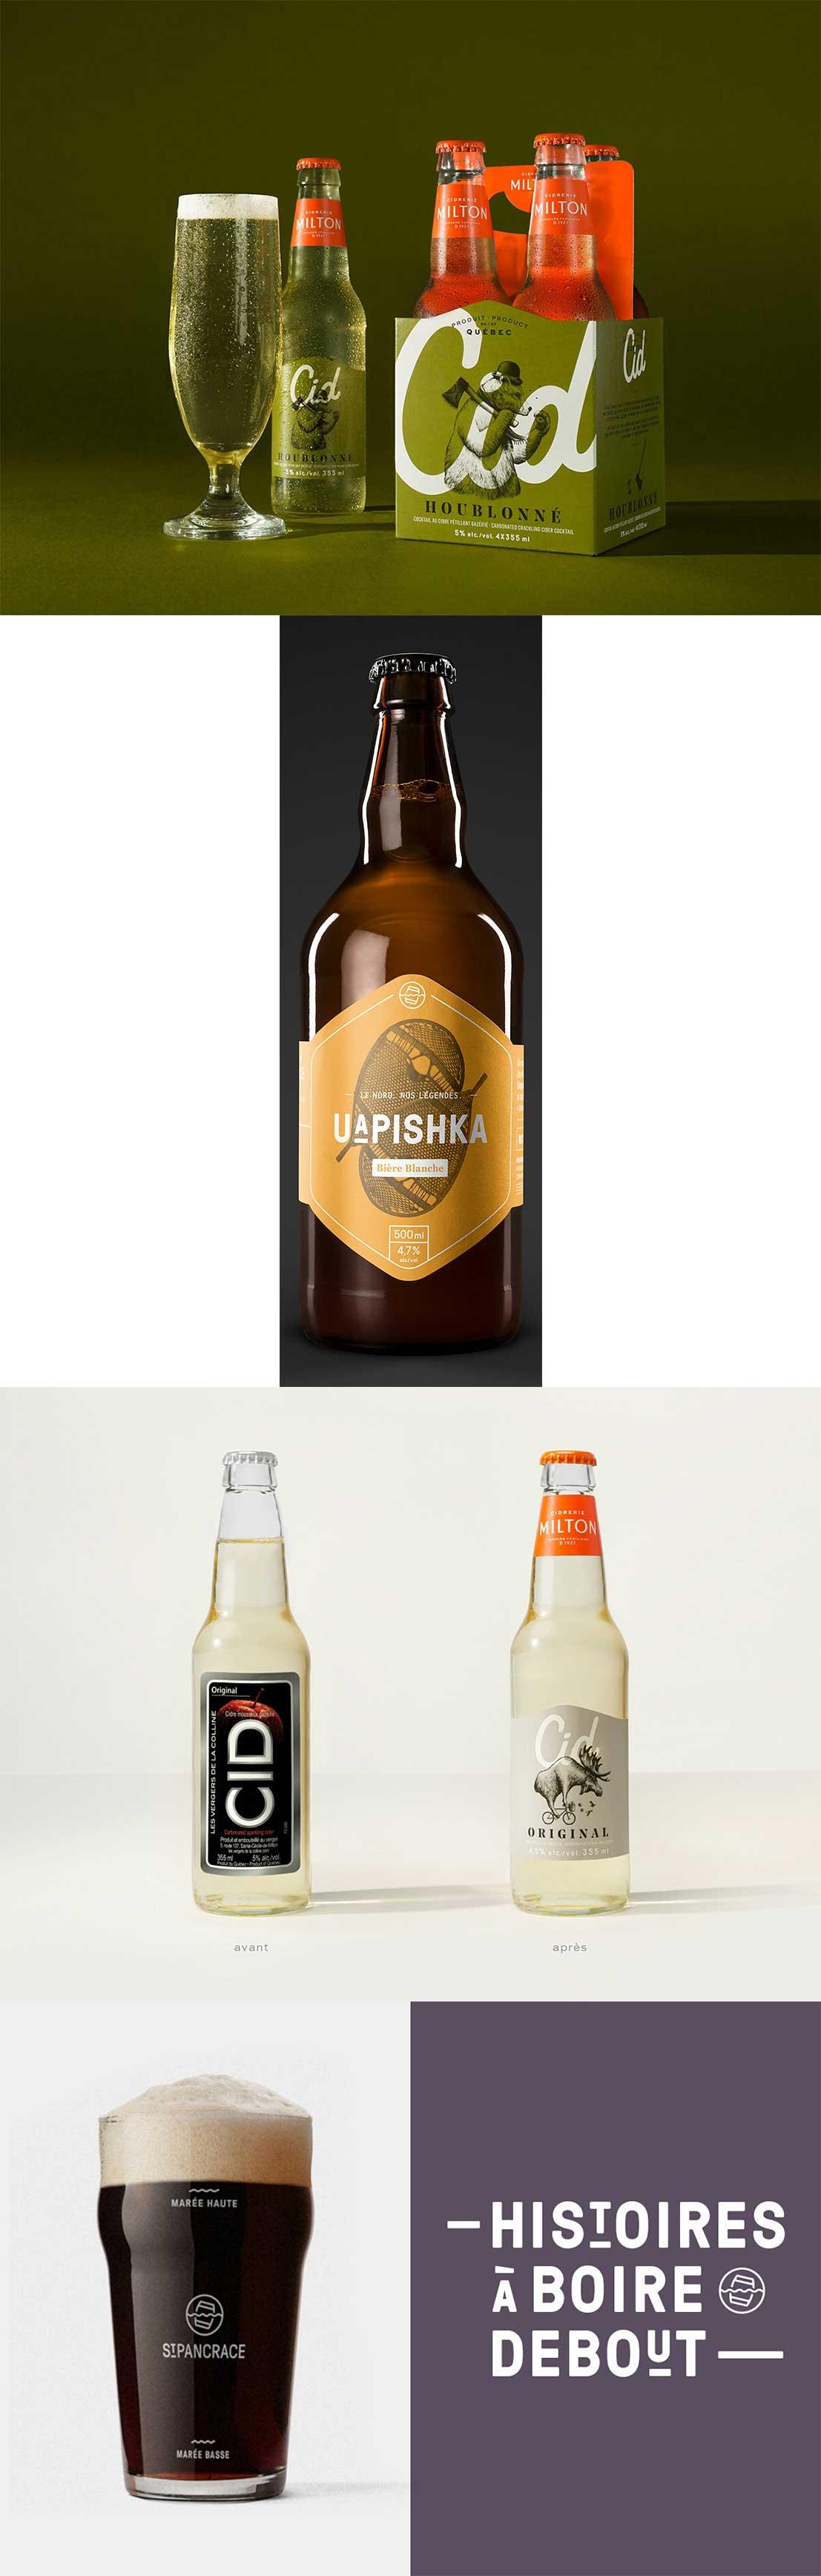 التصميم الأصلي لزجاجات البيرة